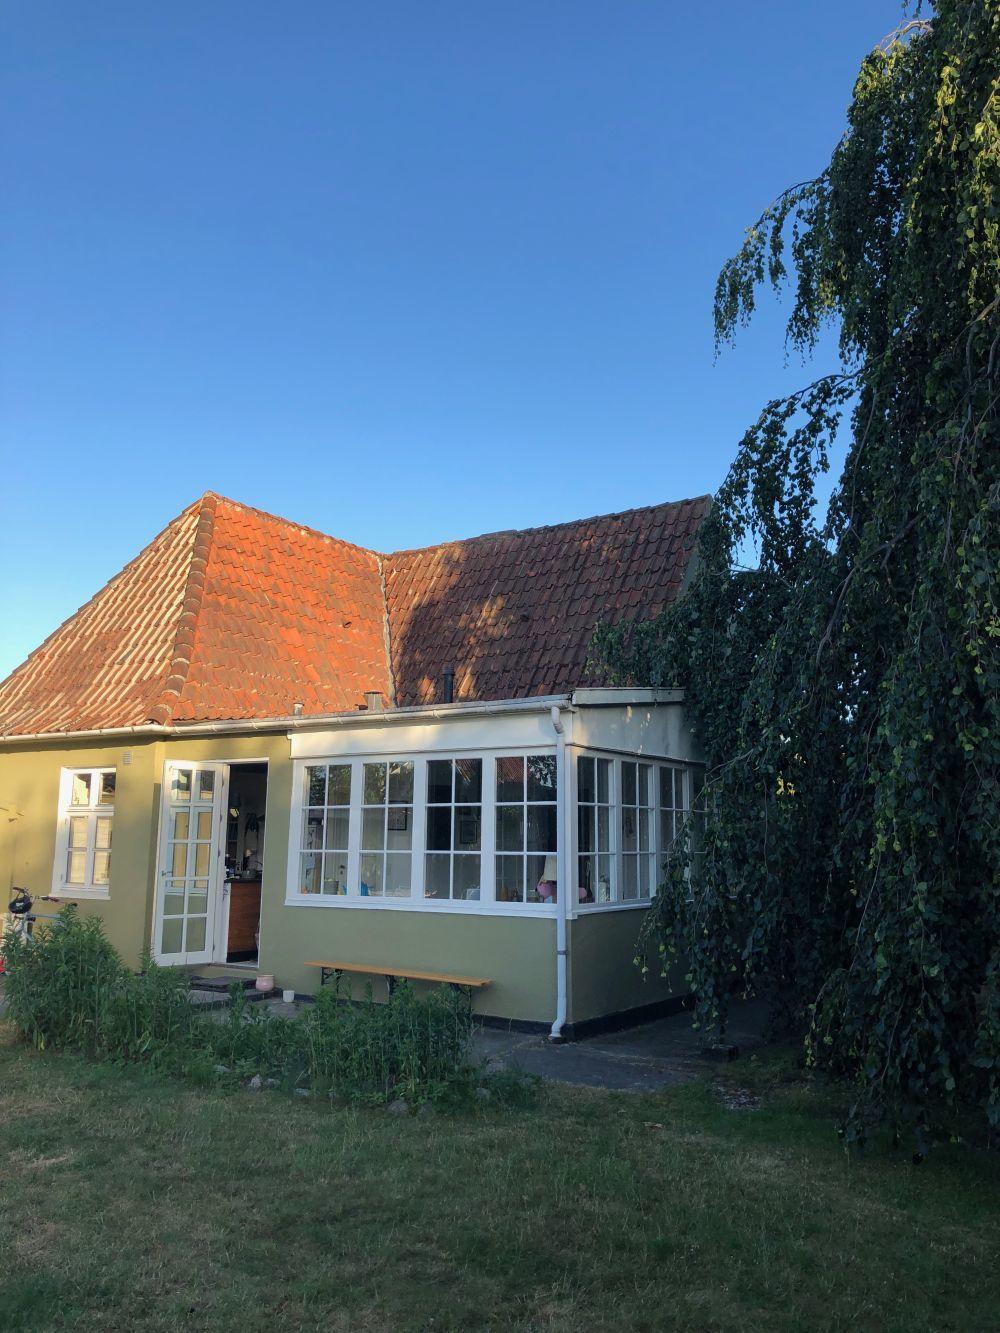 Una imagen de la casa de Mia